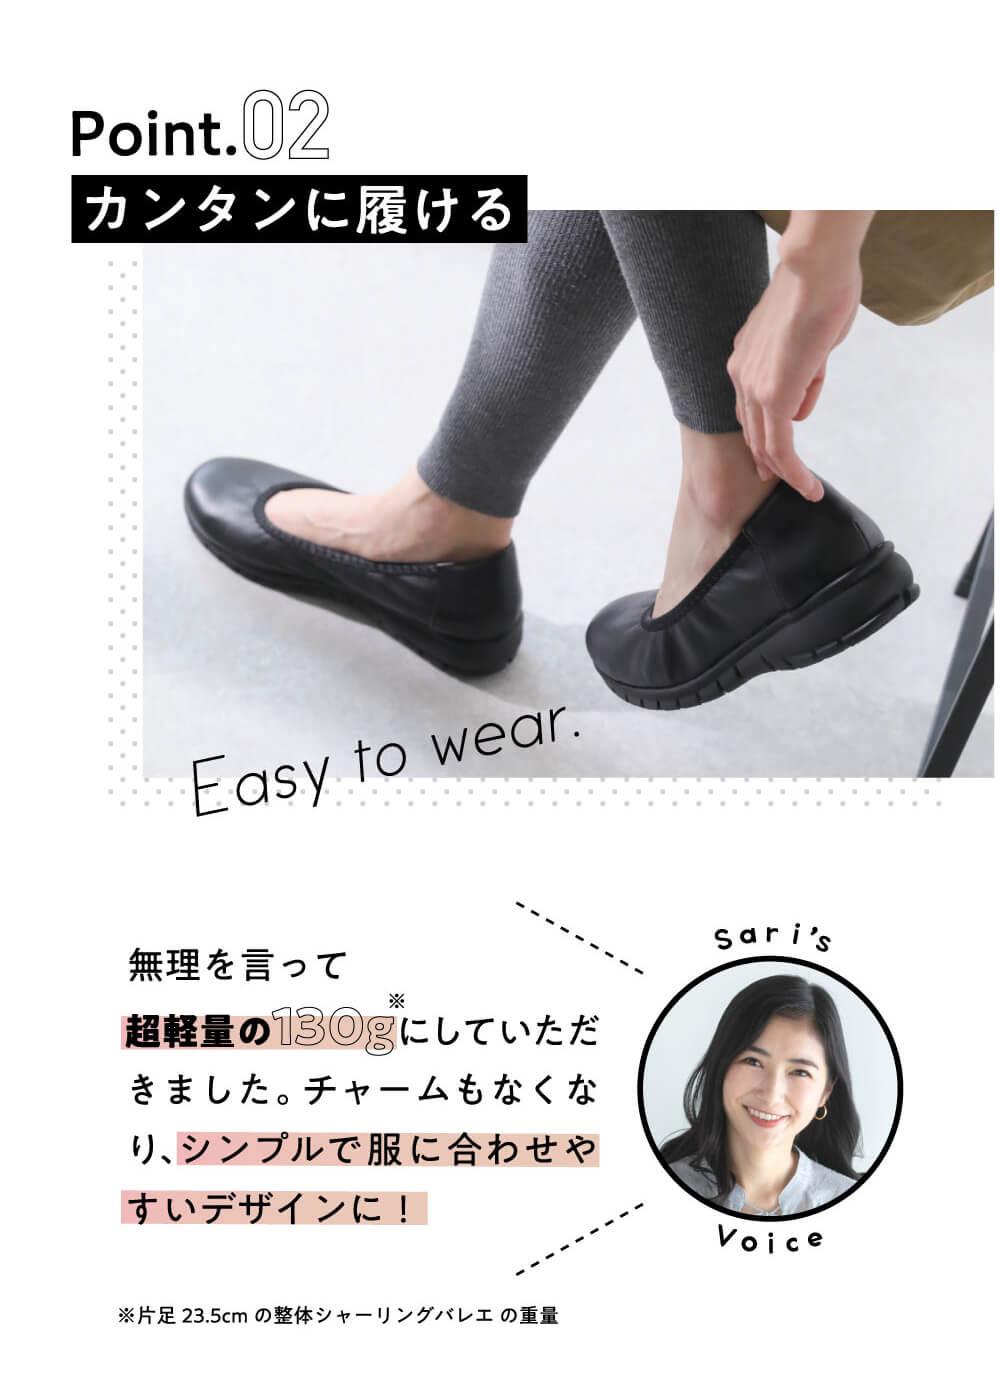 「カンタンに履ける」超軽量の130g!(片足23.5cmの重量)シンプルで服に合わせやすいデザインに